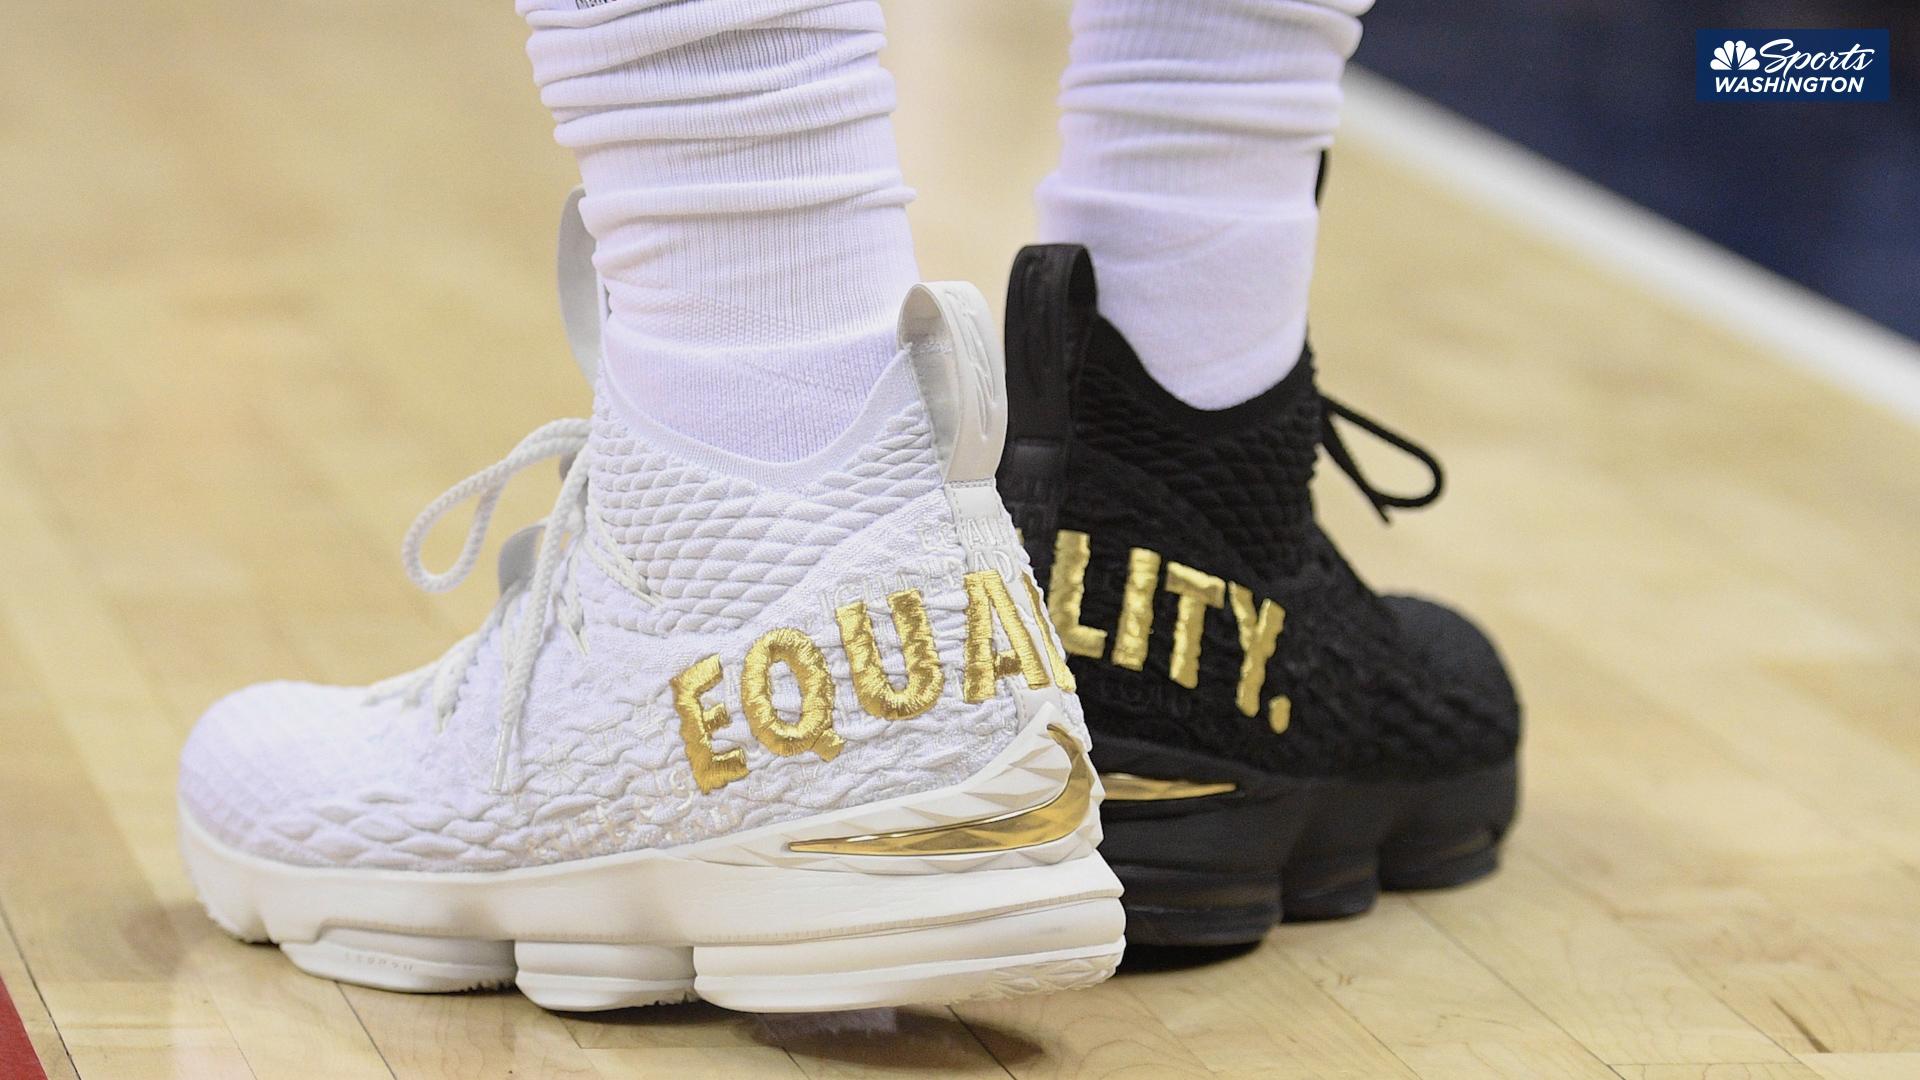 LeBron James' 'Equality' shoes put on display at NMAAHC